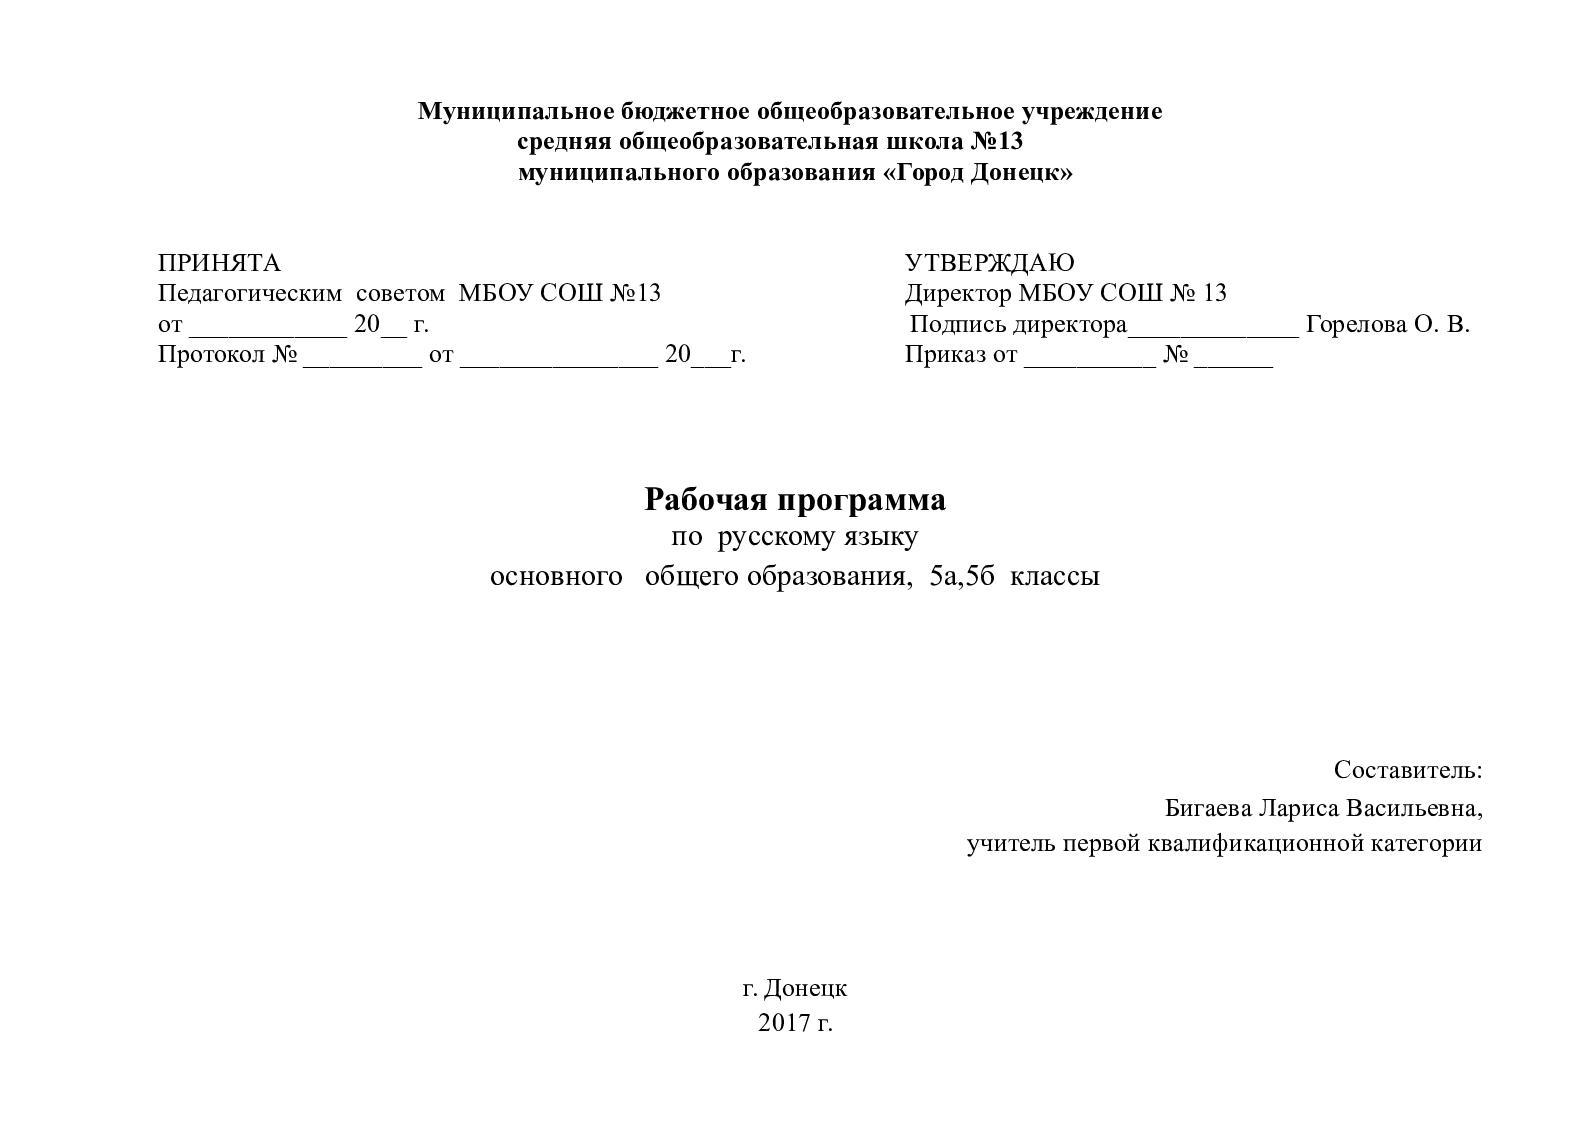 конспект урока морфемный разбор слова 5 класс фгос банк славянский кредит вклады